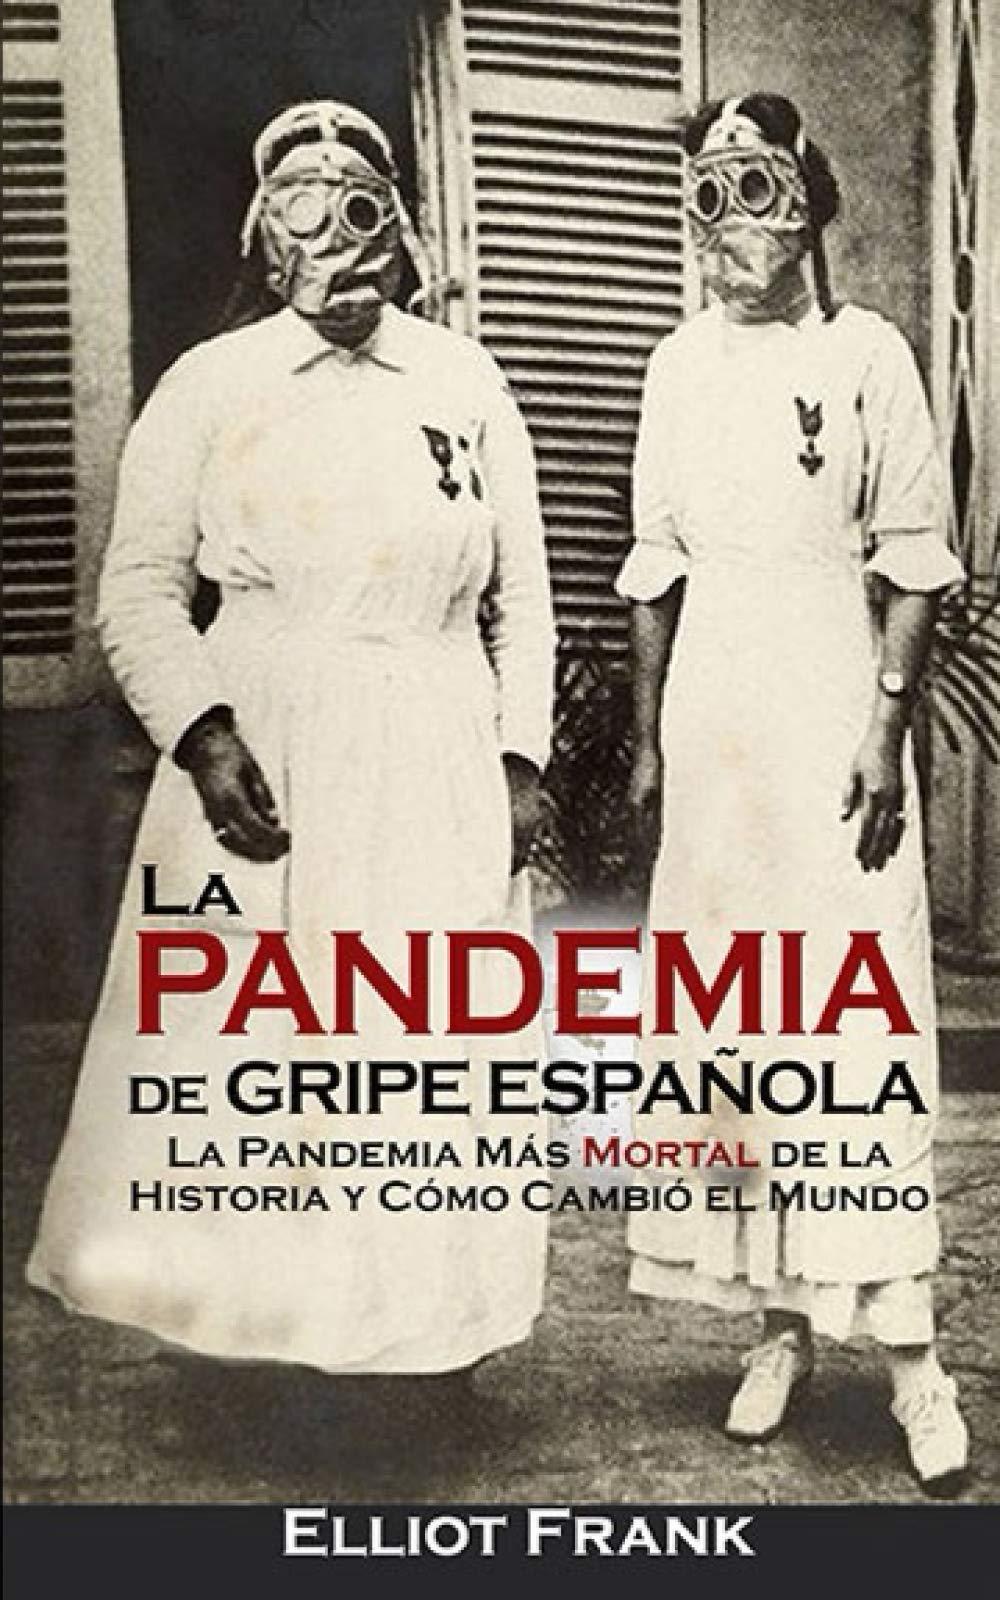 La Pandemia de Gripe Española: La Pandemia Más Mortal de la Historia y Cómo Cambió el Mundo: Amazon.es: Frank, Elliot, Ramos, Diego Ignacio: Libros